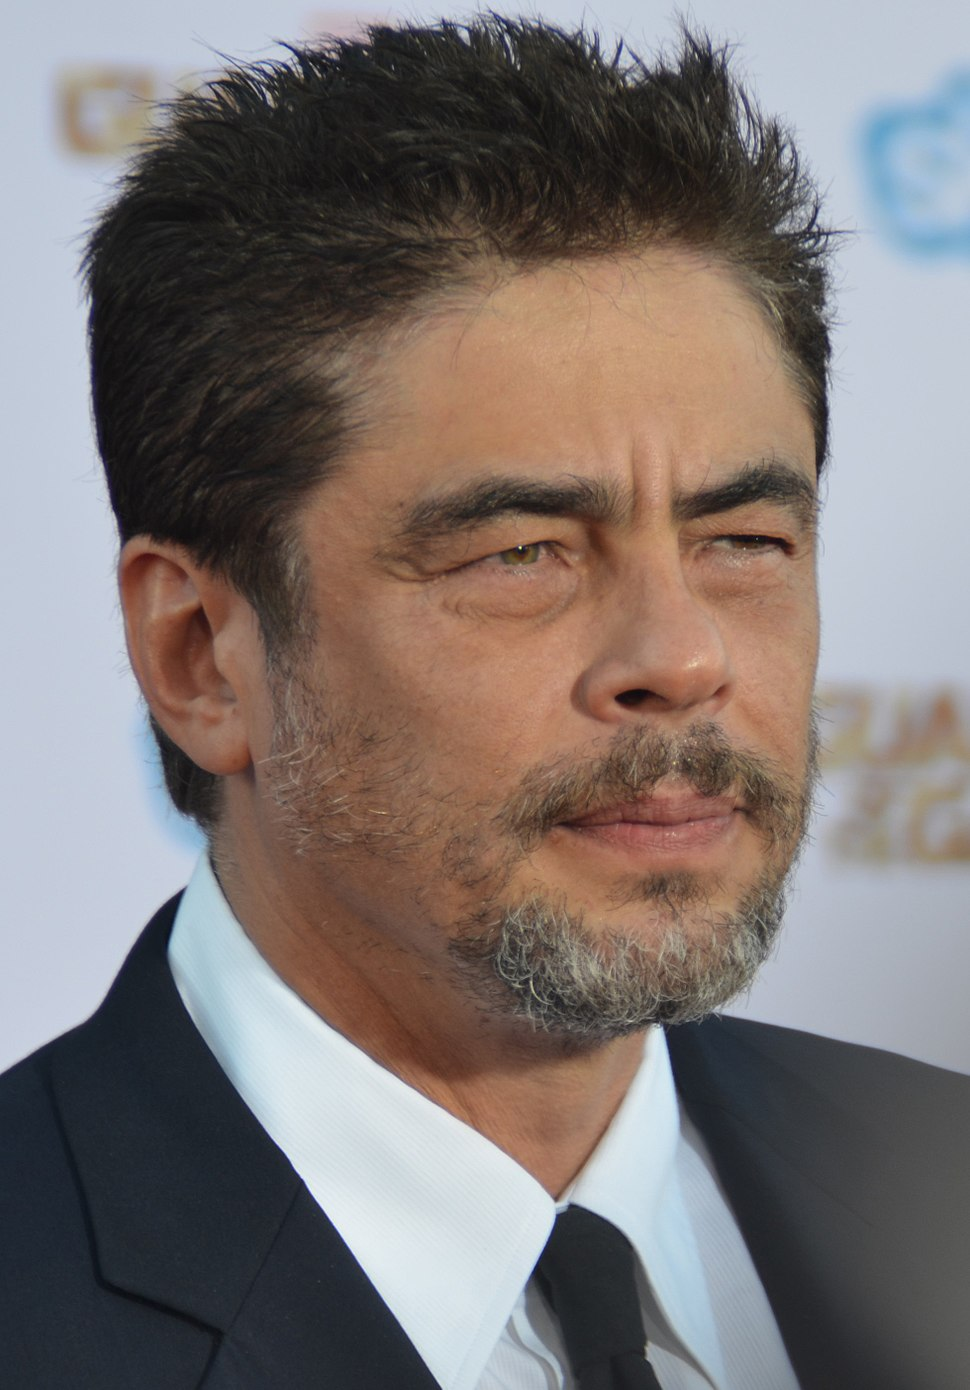 Benicio Del Toro - Guardians of the Galaxy premiere - July 2014 (cropped)